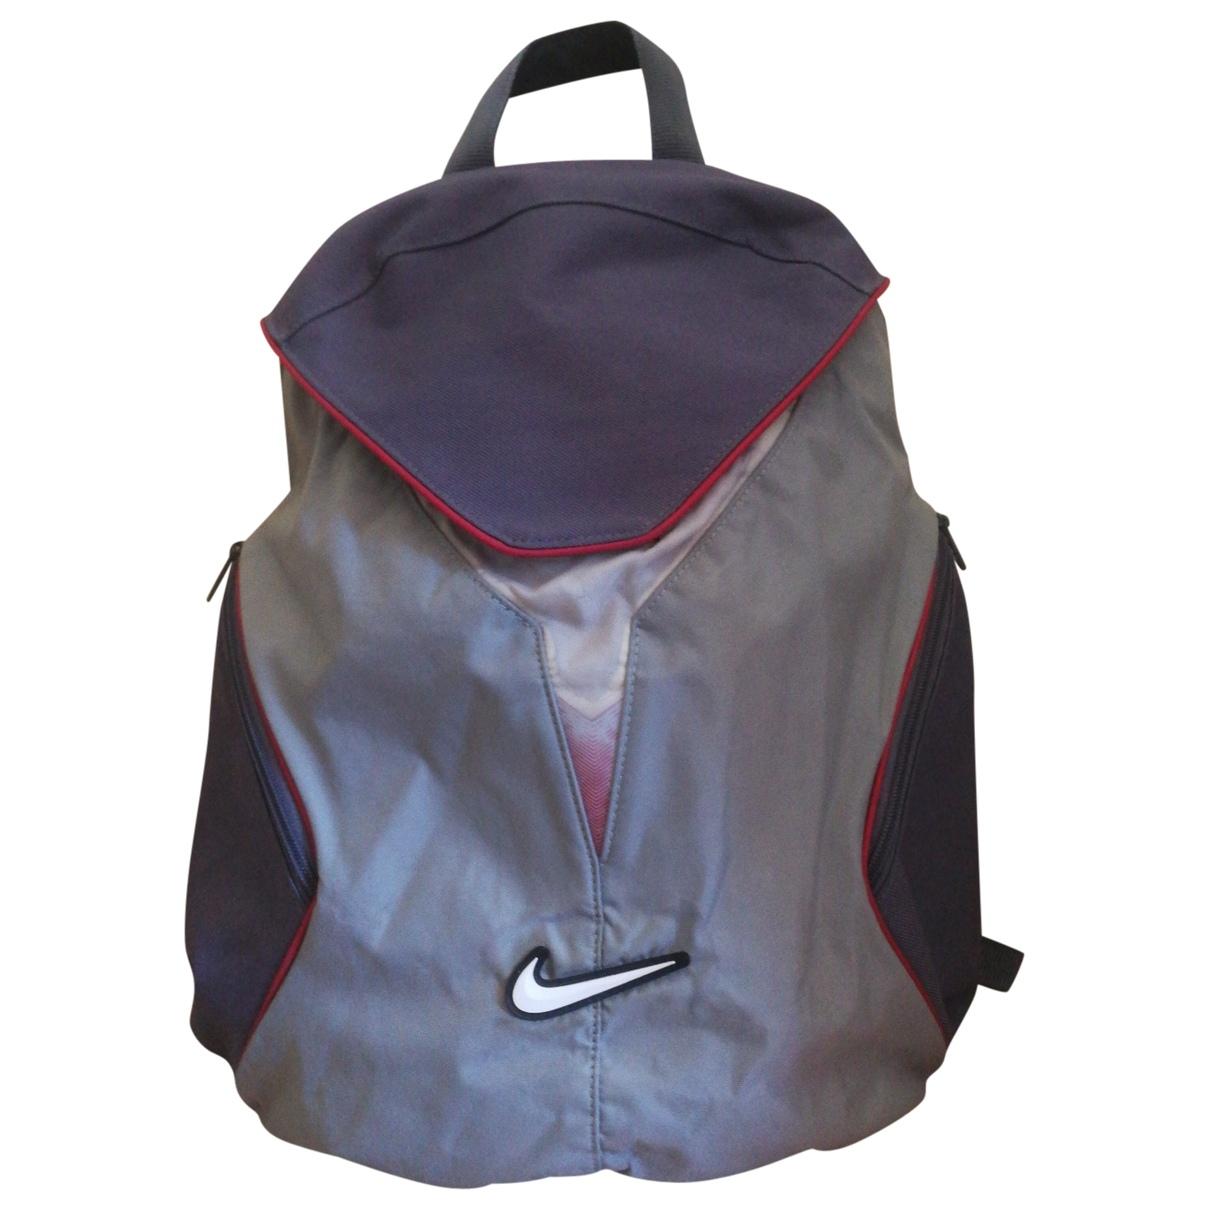 Nike \N Rucksaecke in  Grau Polyester